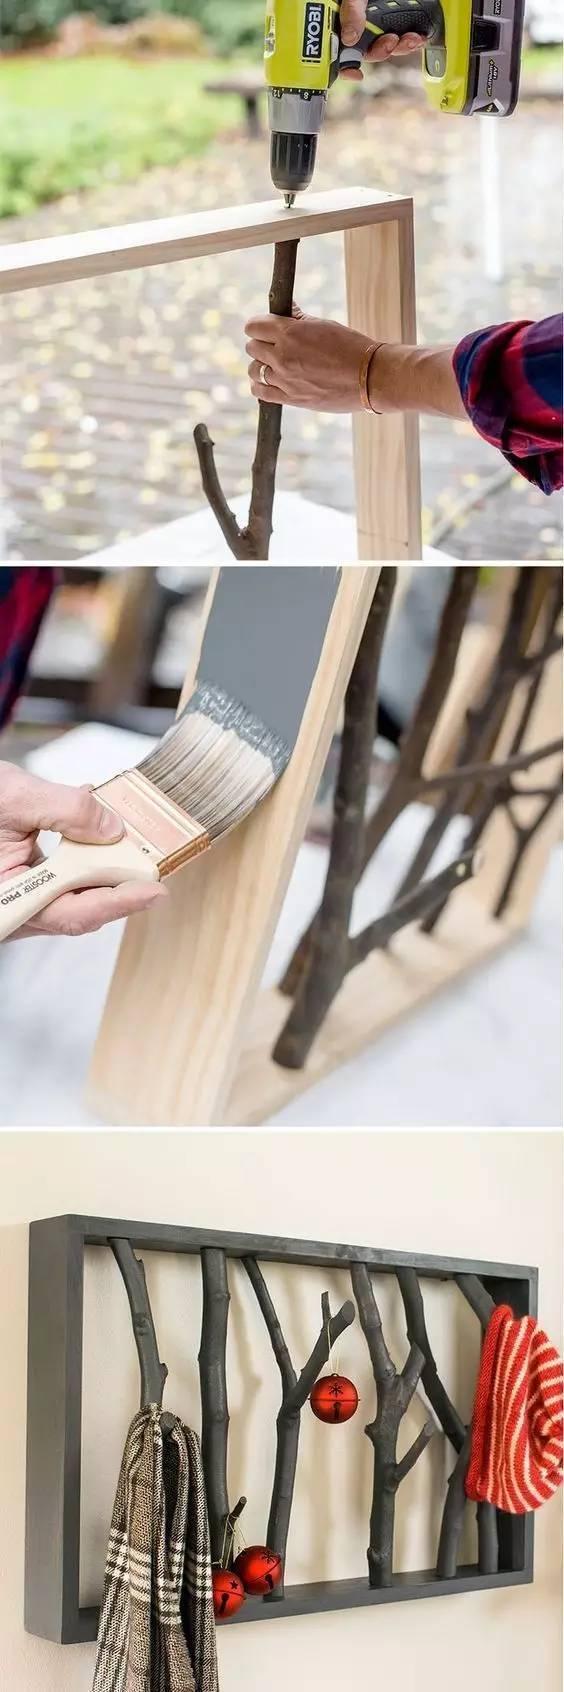 [毛坯房装修设计]一根树枝引发的无数联想。。。。。